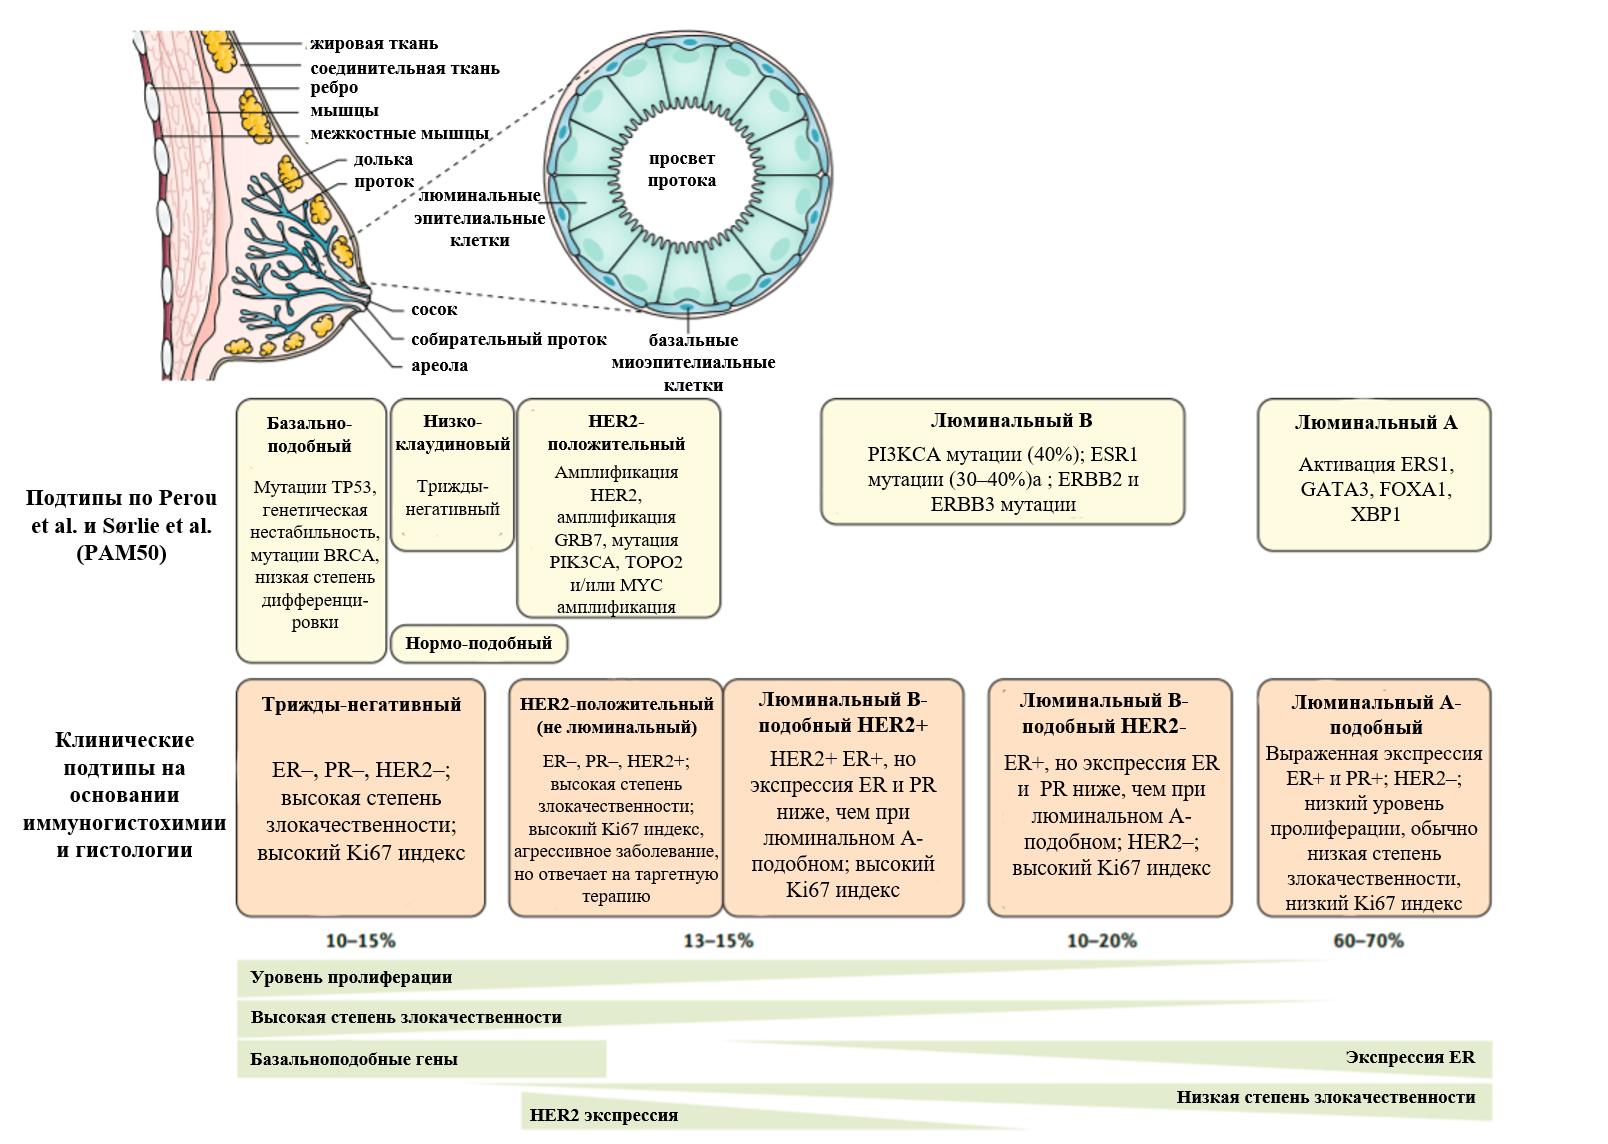 Классификация рака молочной железы